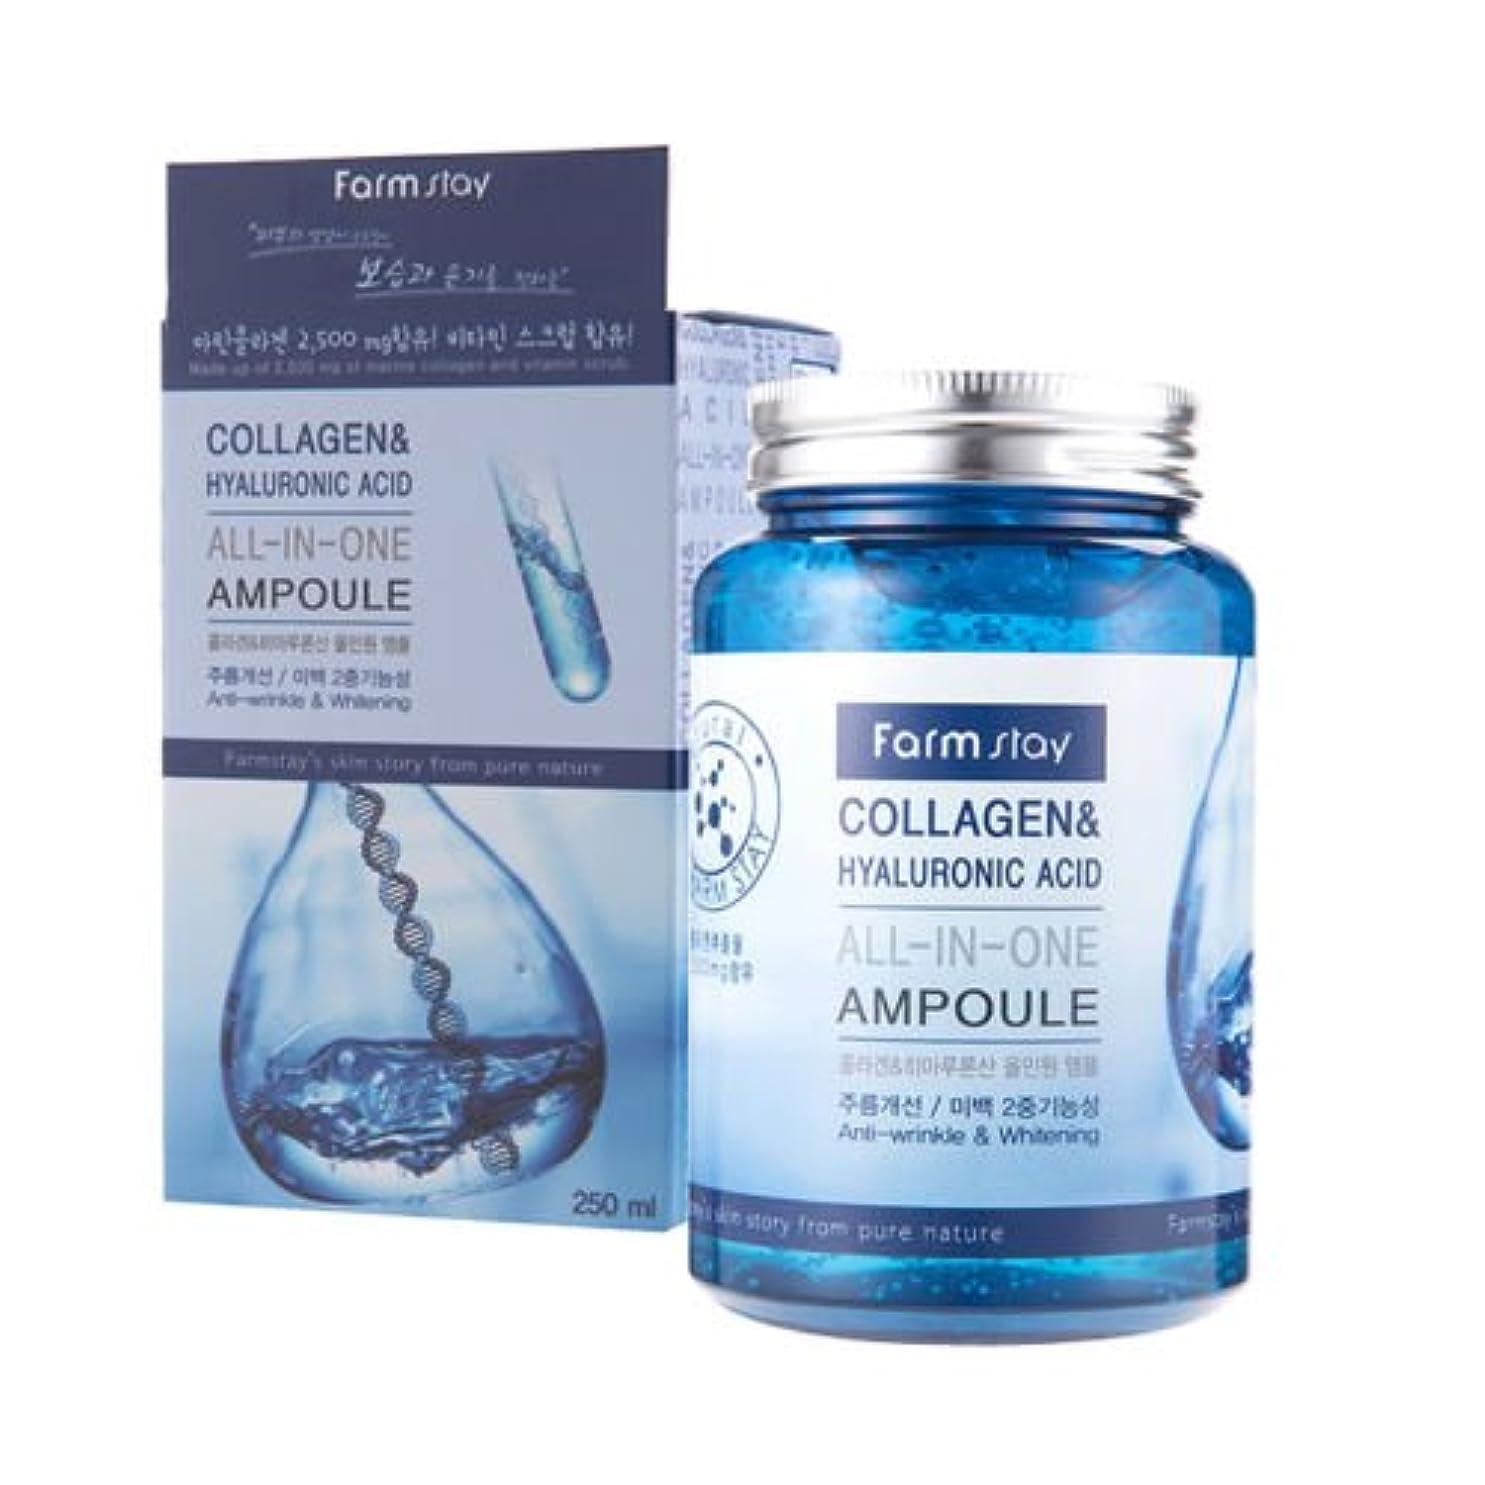 イブニング成功する超えるFarm Stay Collagen & Hyaluronic Acid All In One Ampoule 250ml/Korea Cosmetic [並行輸入品]